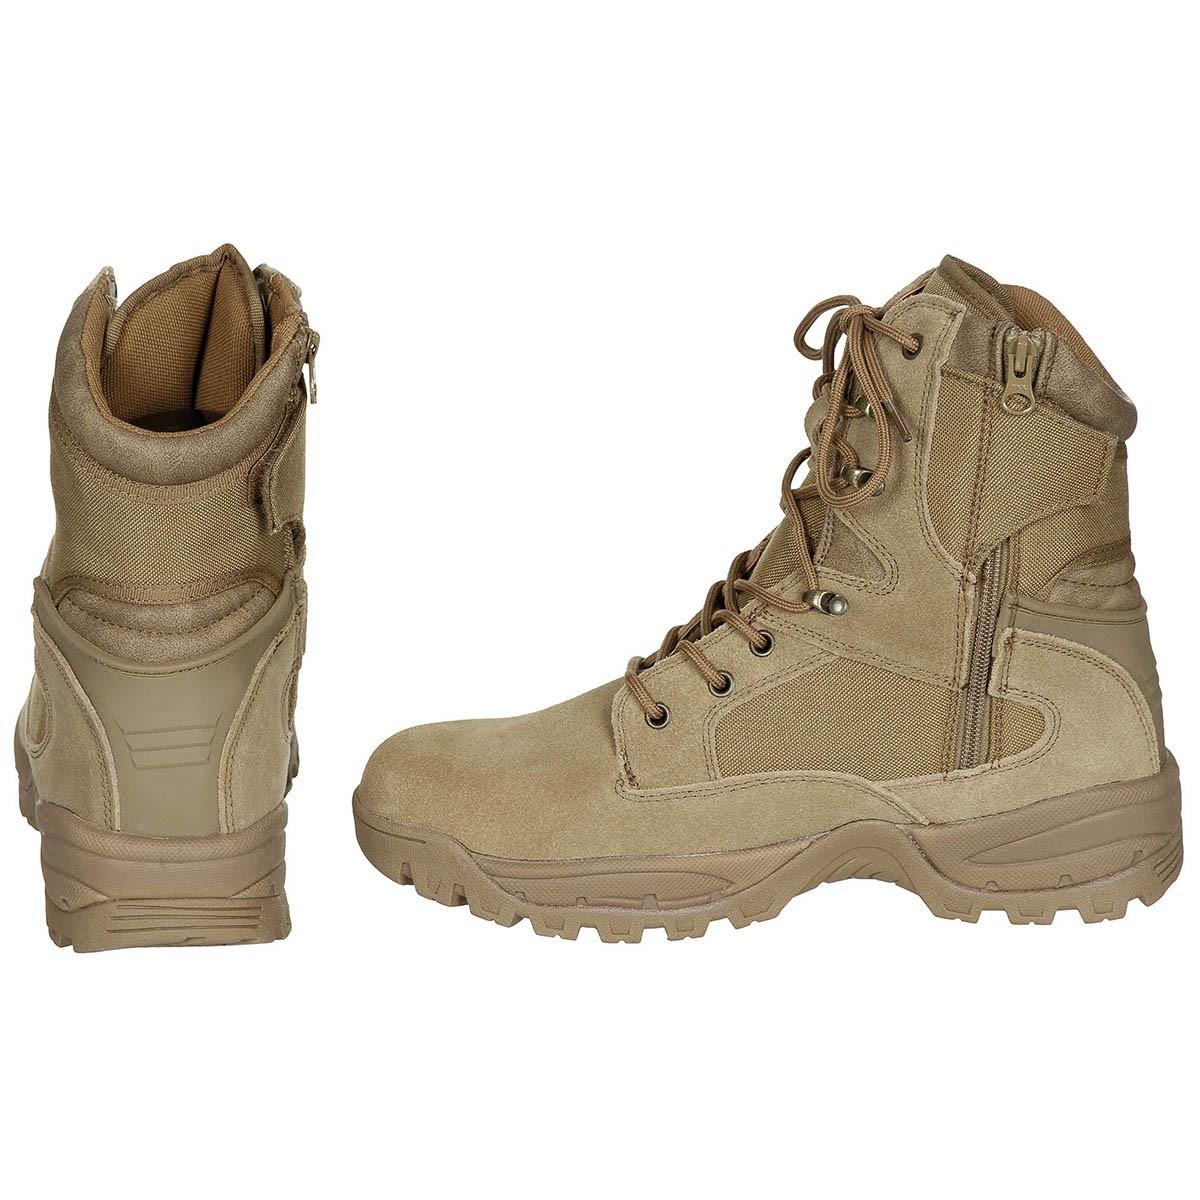 Schuhe Amp Stiefel Shop Im Bw Army Shop Online Kaufen